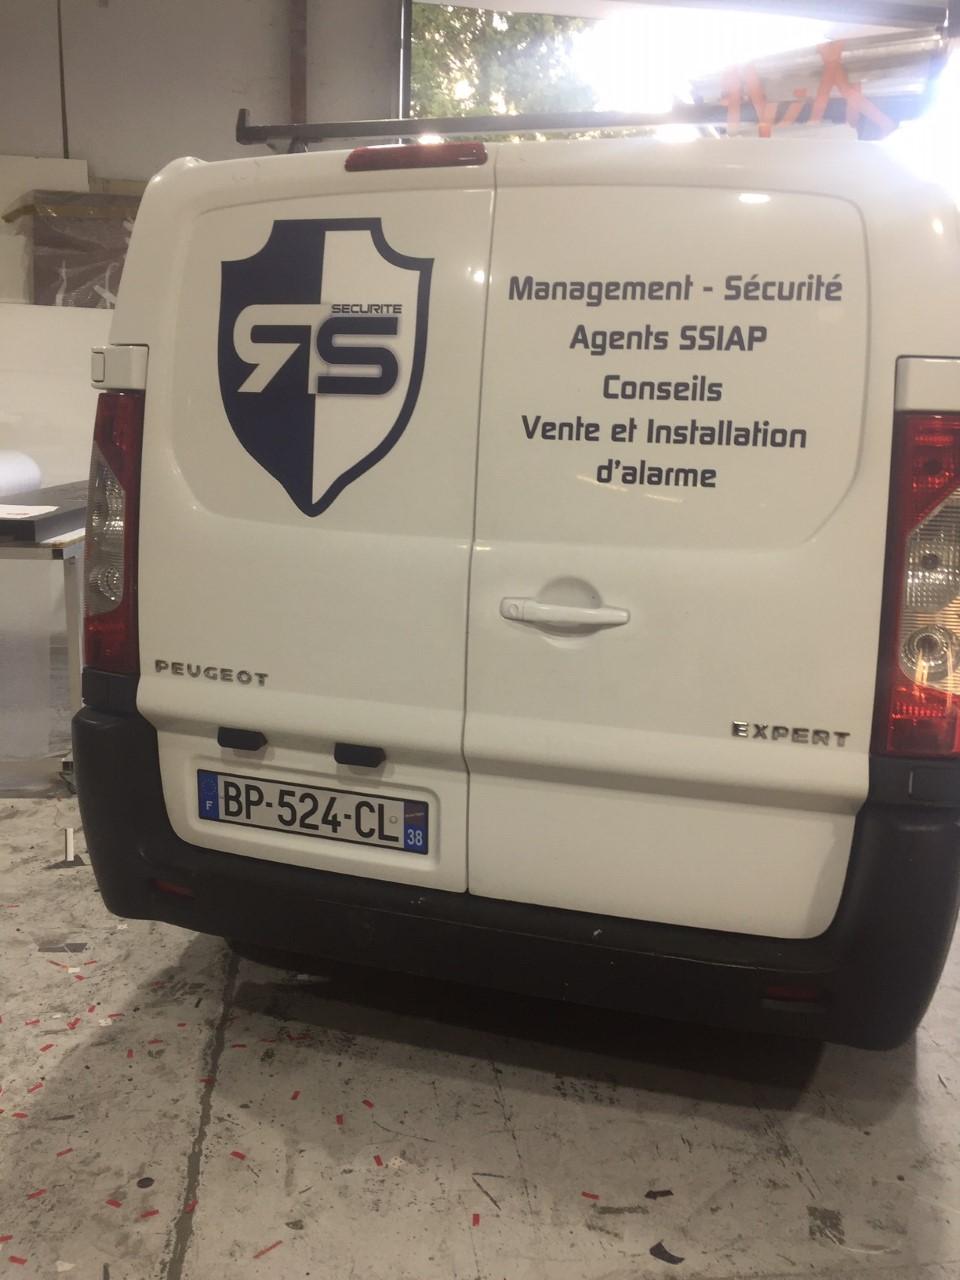 LETTRES DECOUPÉES - FLOCAGE VÉHICULE - RS SECURITE - CHAMBÉRY - SAVOIE PUB